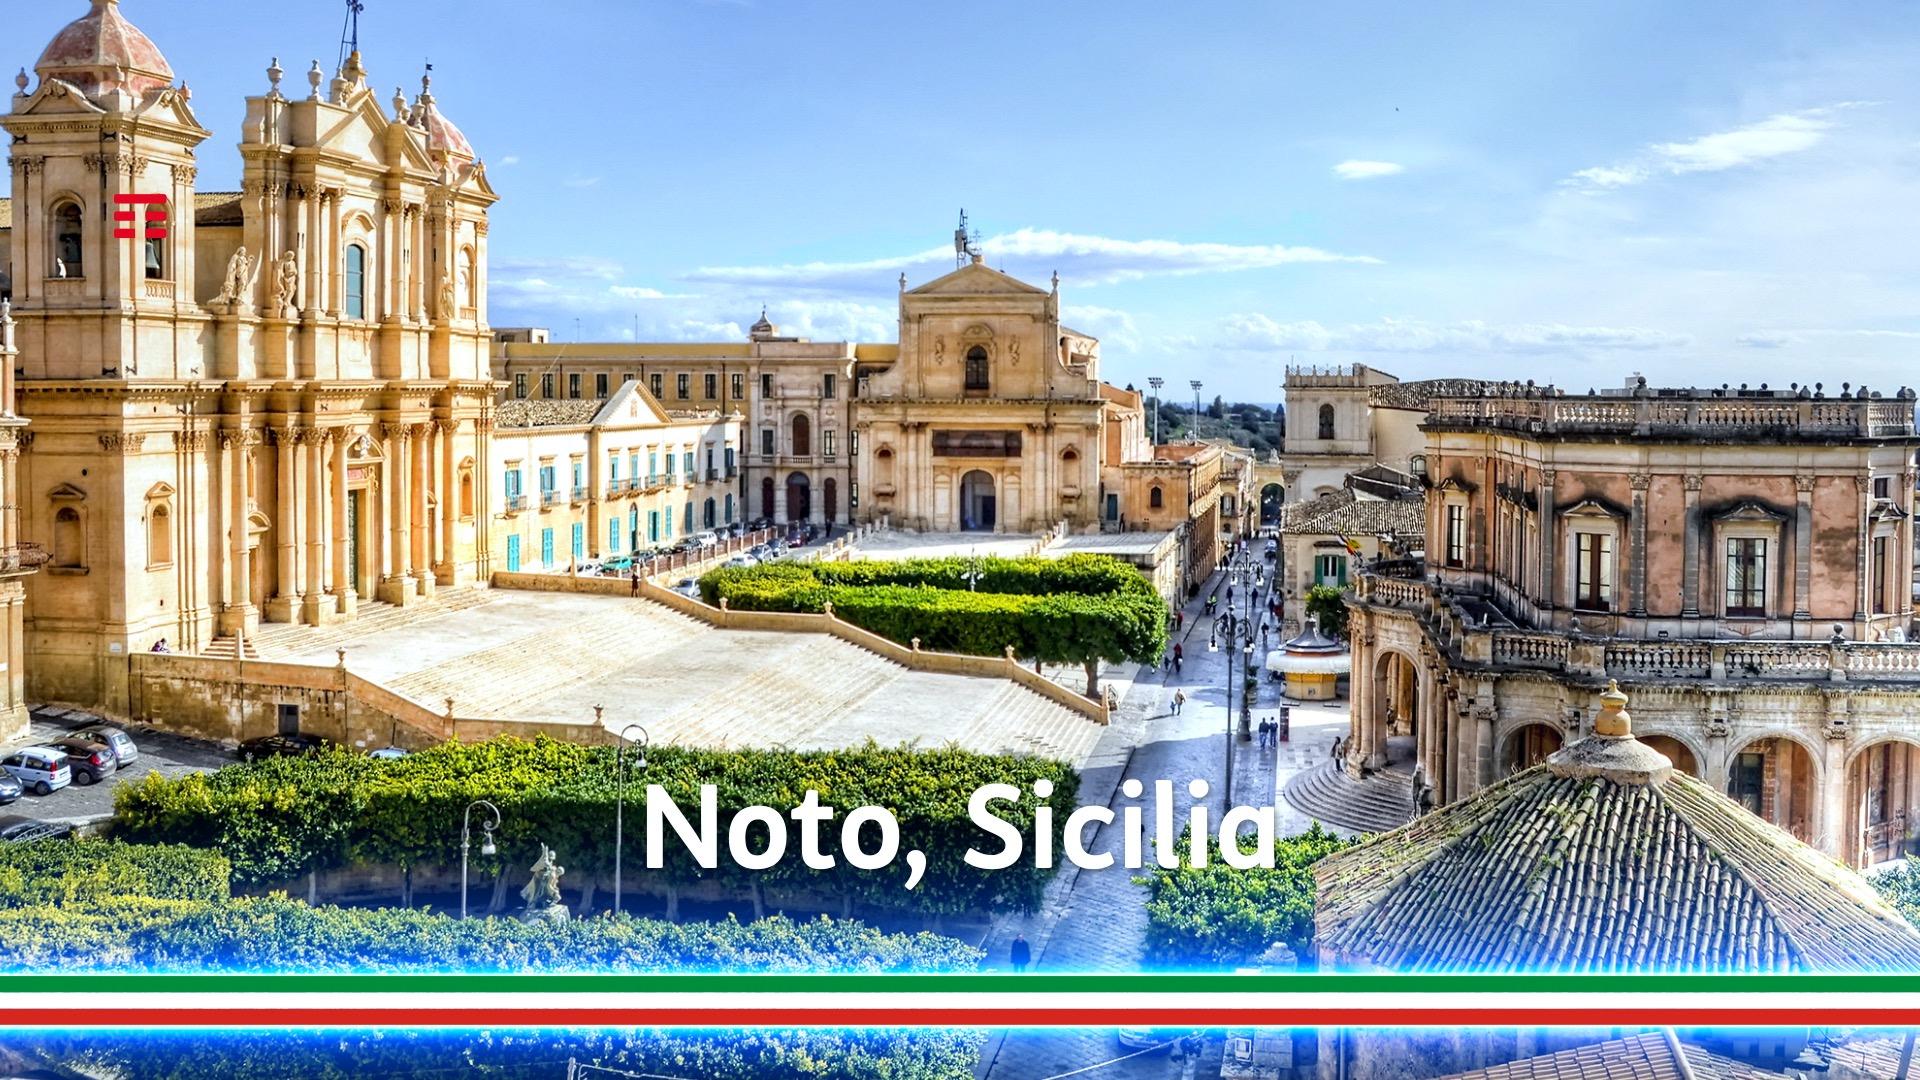 TIM sceglie Noto per gli spot che portano la fibra in oltre 2.000 comuni italiani